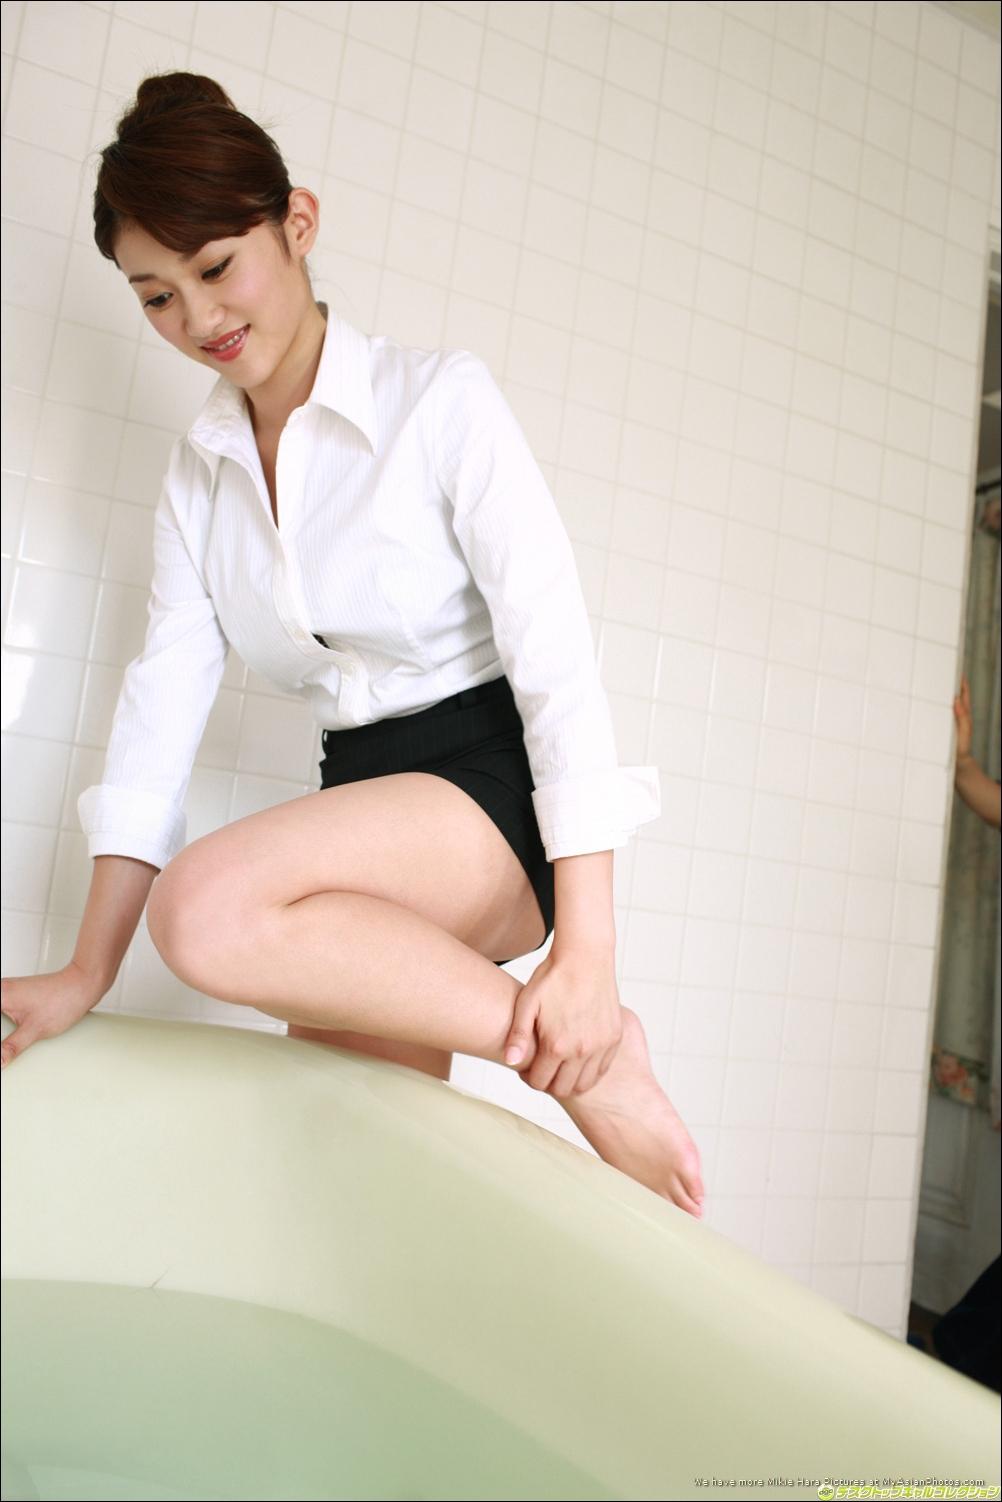 Undress Sex 88